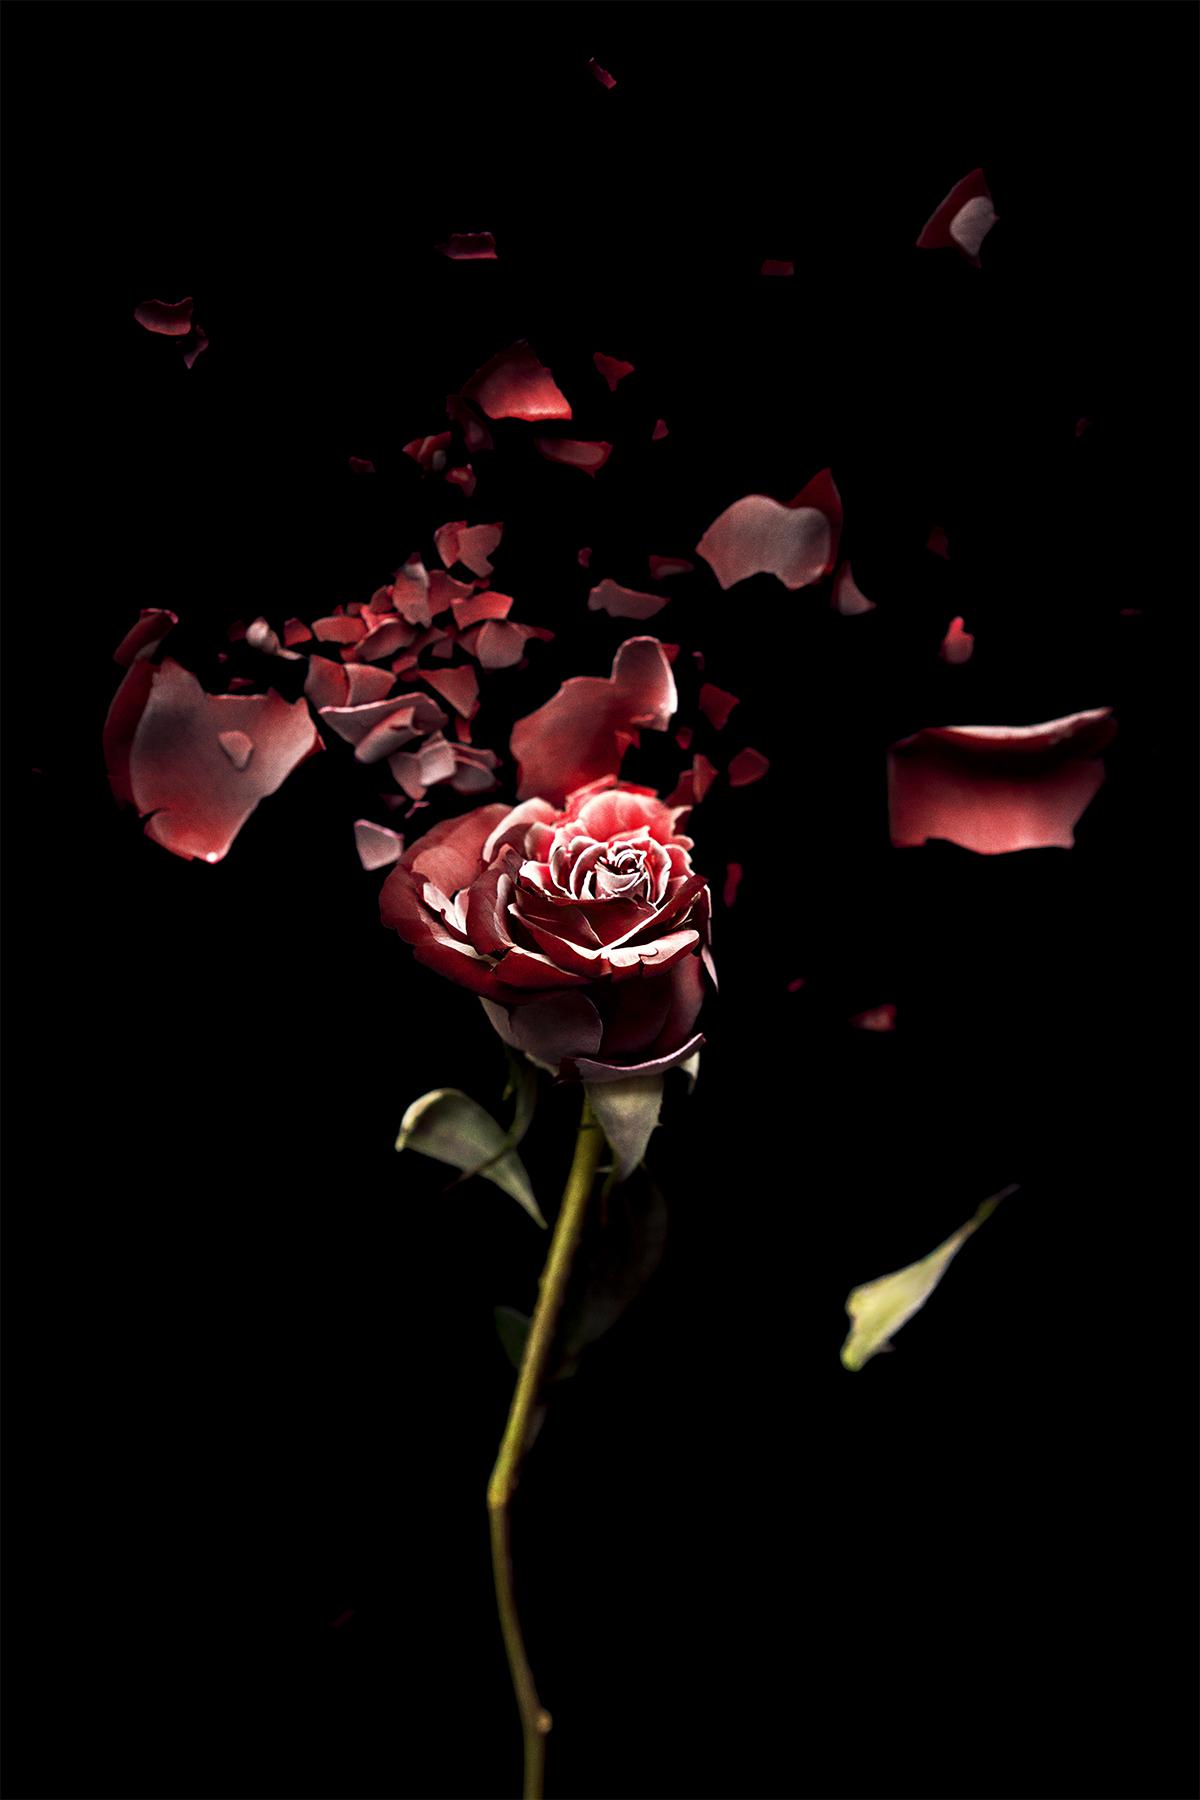 DSC00096-flower-bali-2018-sm.jpg